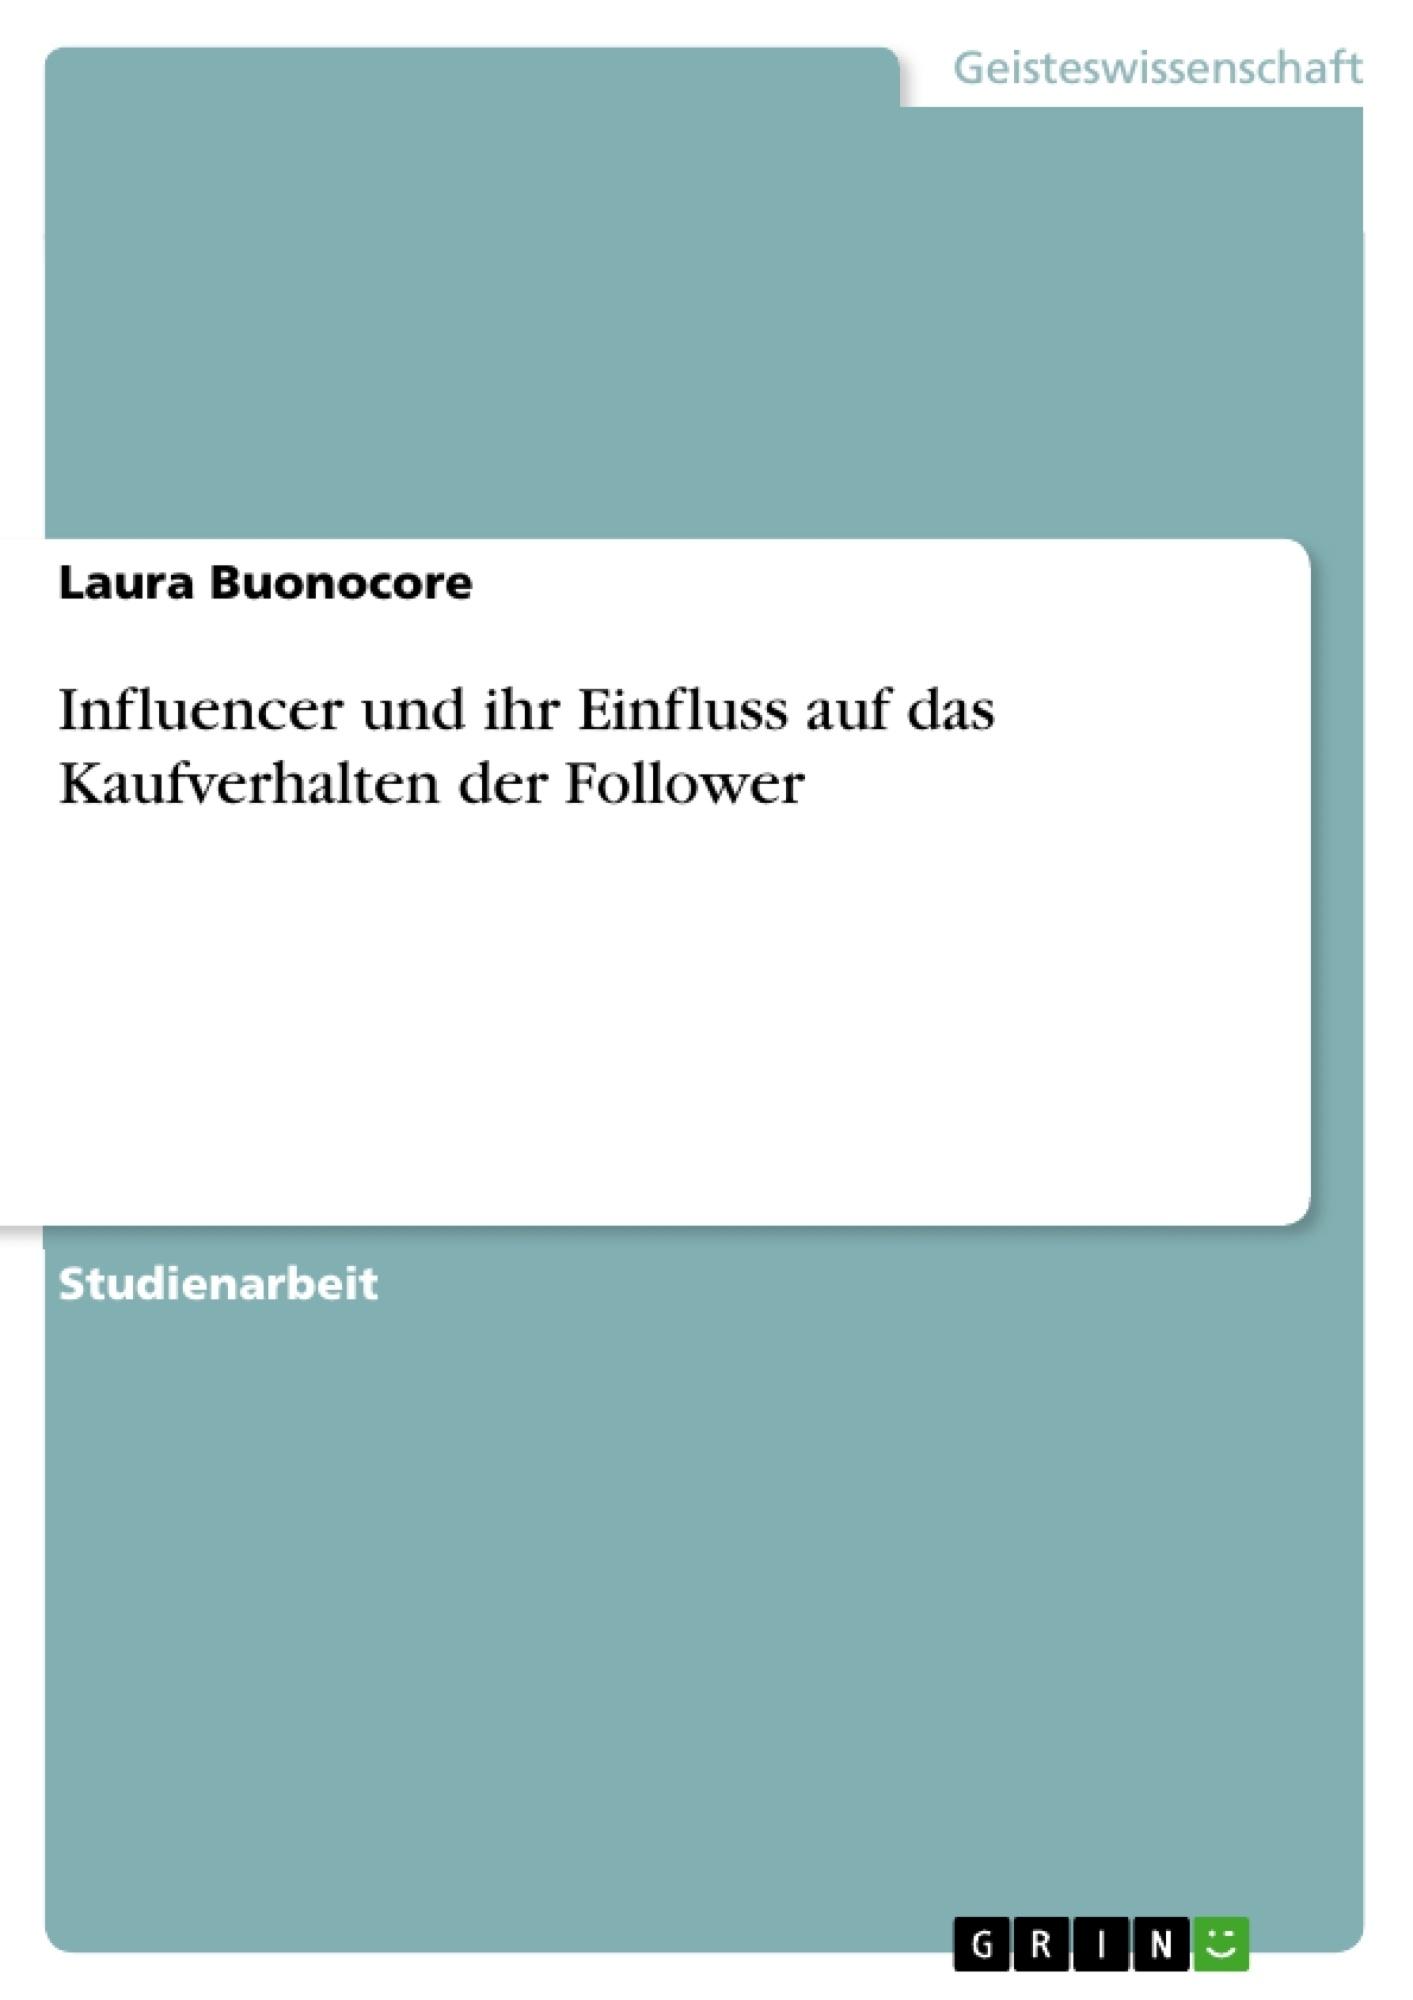 Titel: Influencer und ihr Einfluss auf das Kaufverhalten der Follower